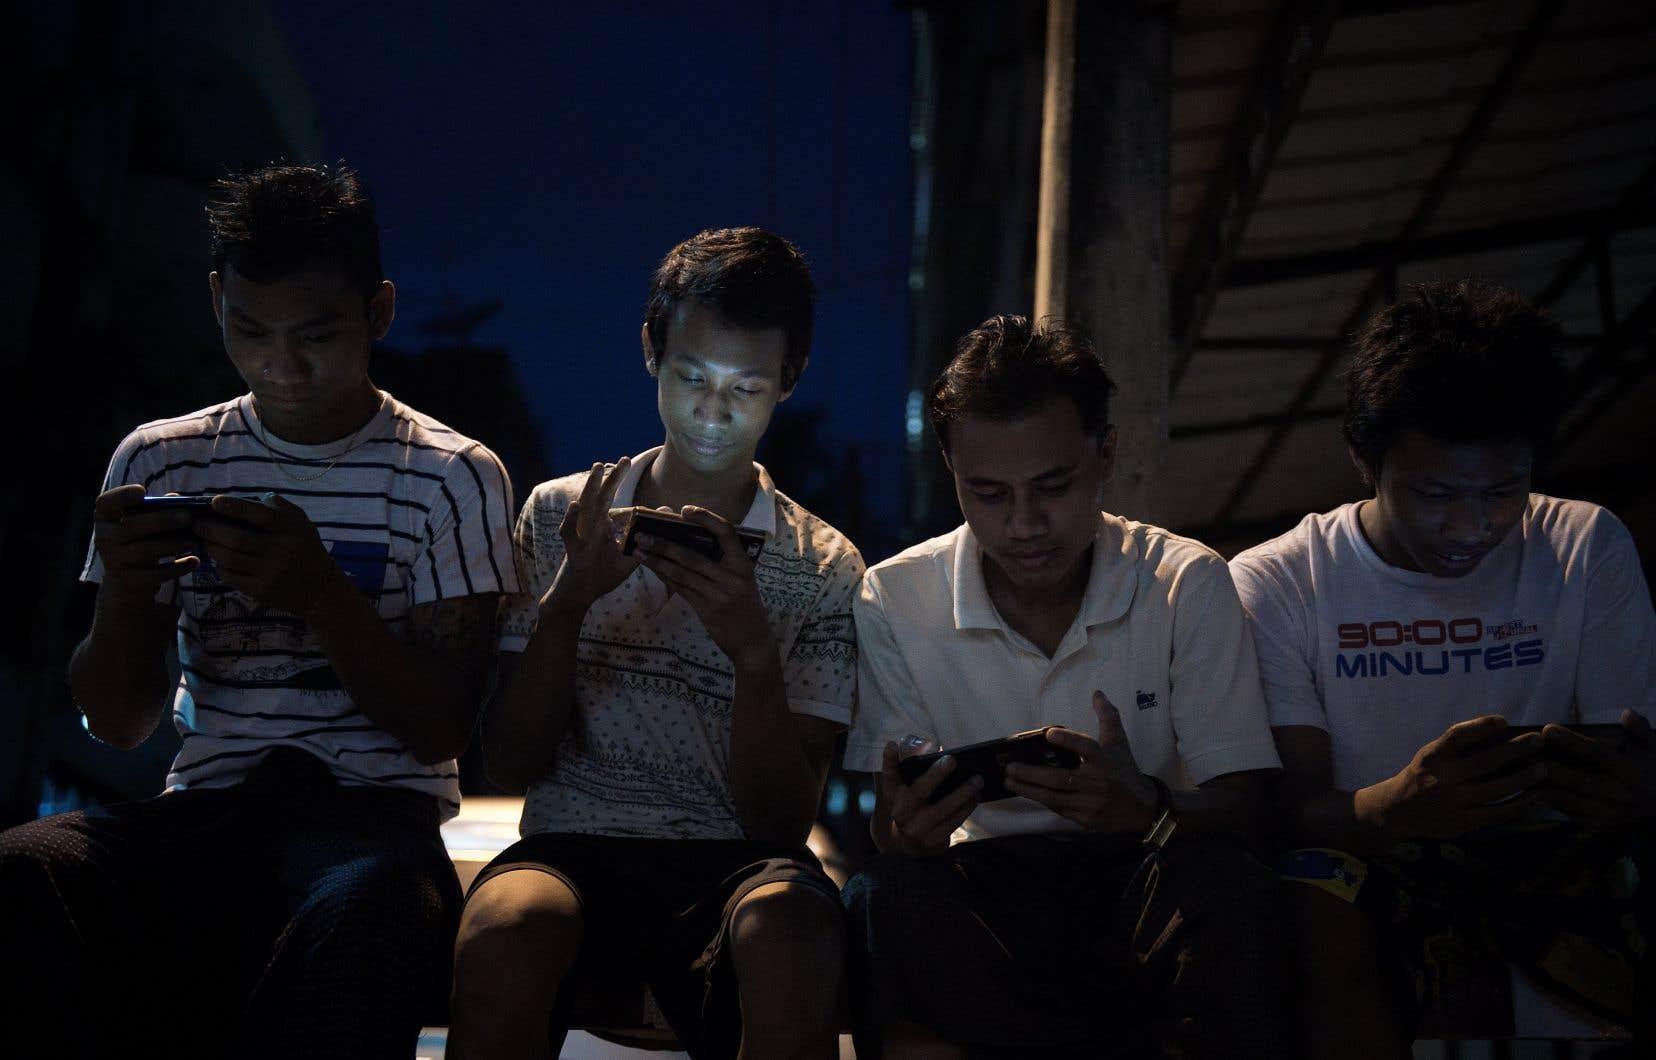 Le Myanmar compte 18 millions de comptes Facebook pour une population de 51 millions d'habitants.